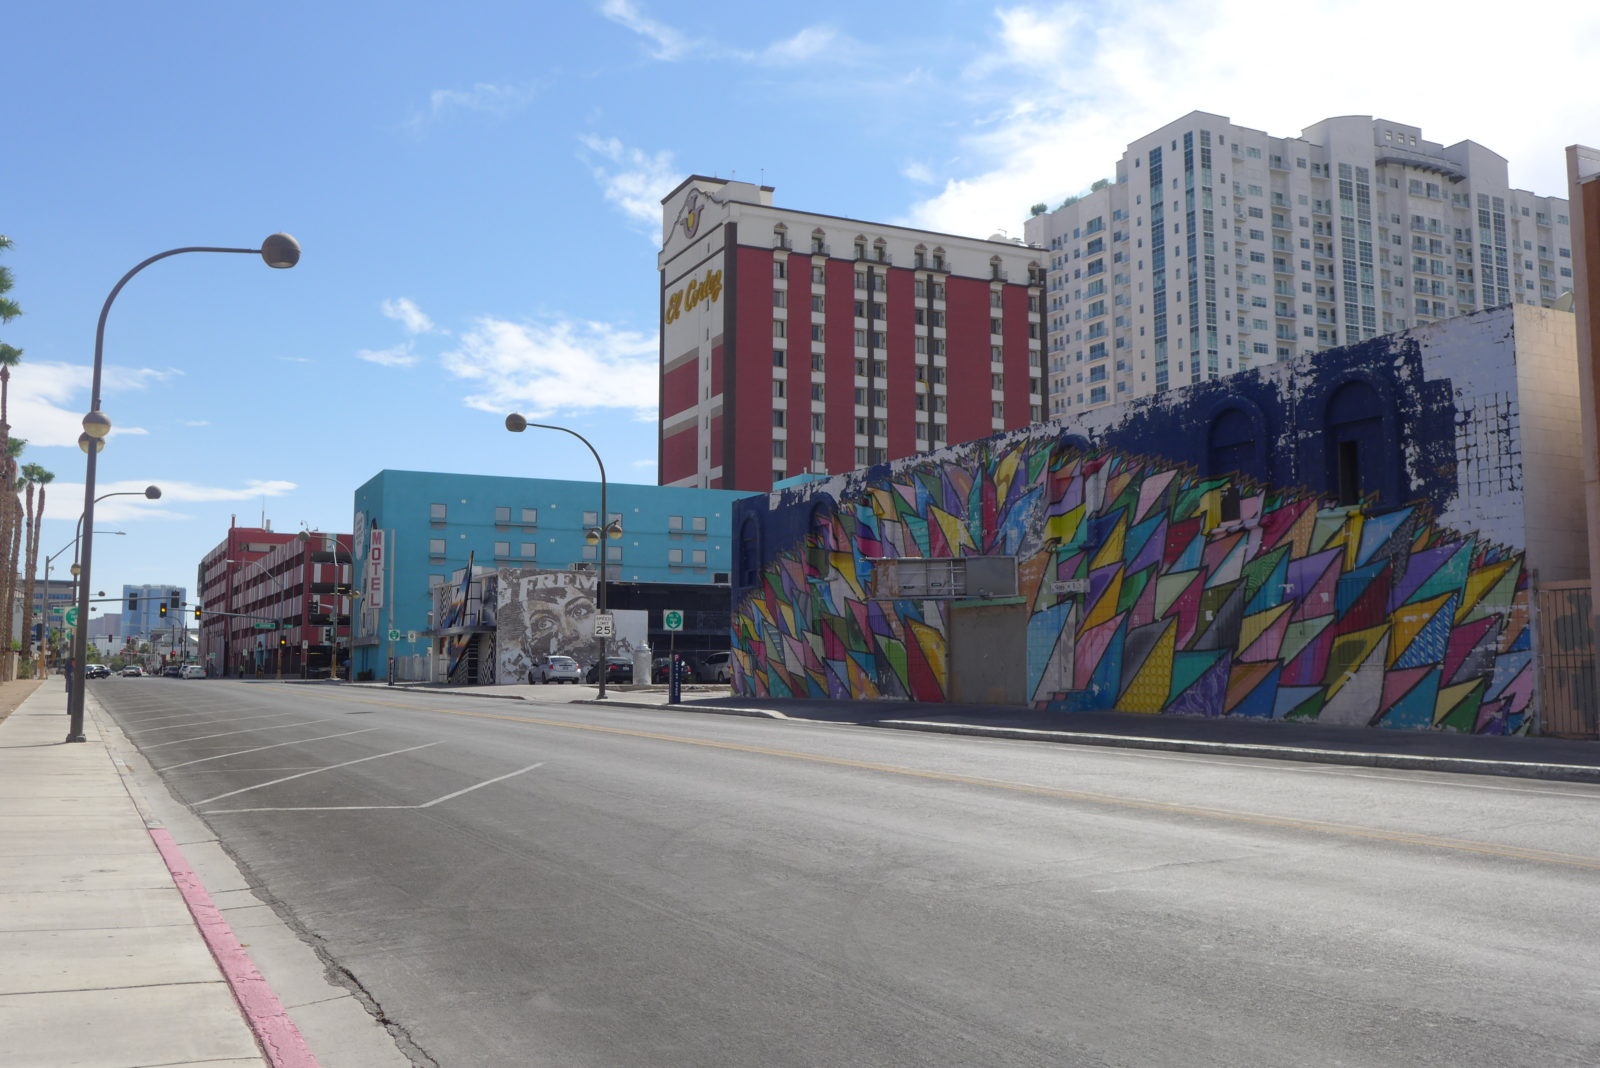 arturbain lasvegas street art murals radar graffitiP1060038 - À Las Vegas, un festival de street art et musique revitalise un quartier en perdition